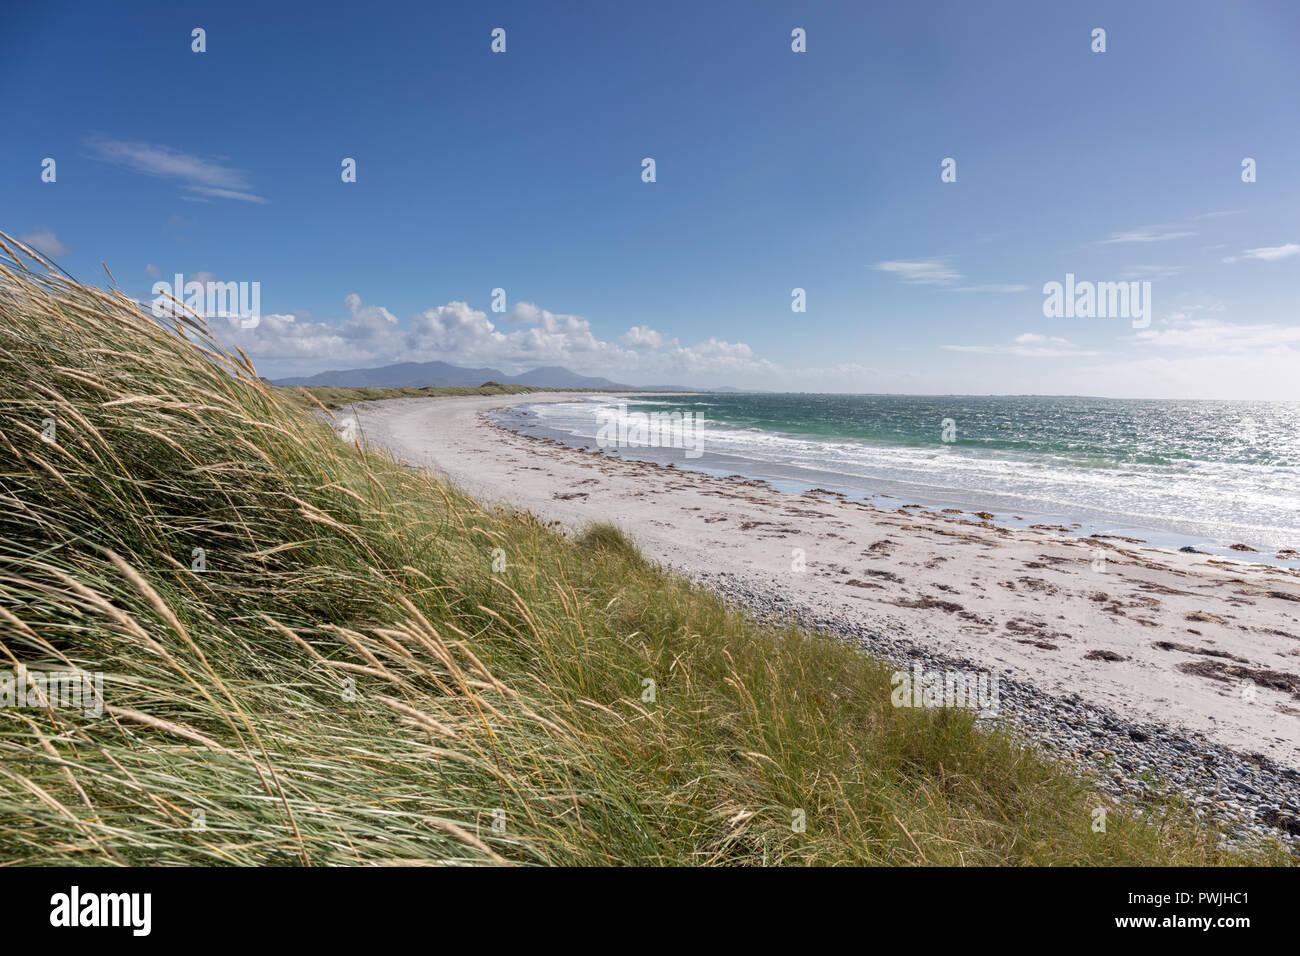 Nunton beach Benbecula, Outer Hebrides, Scotland - Stock Image